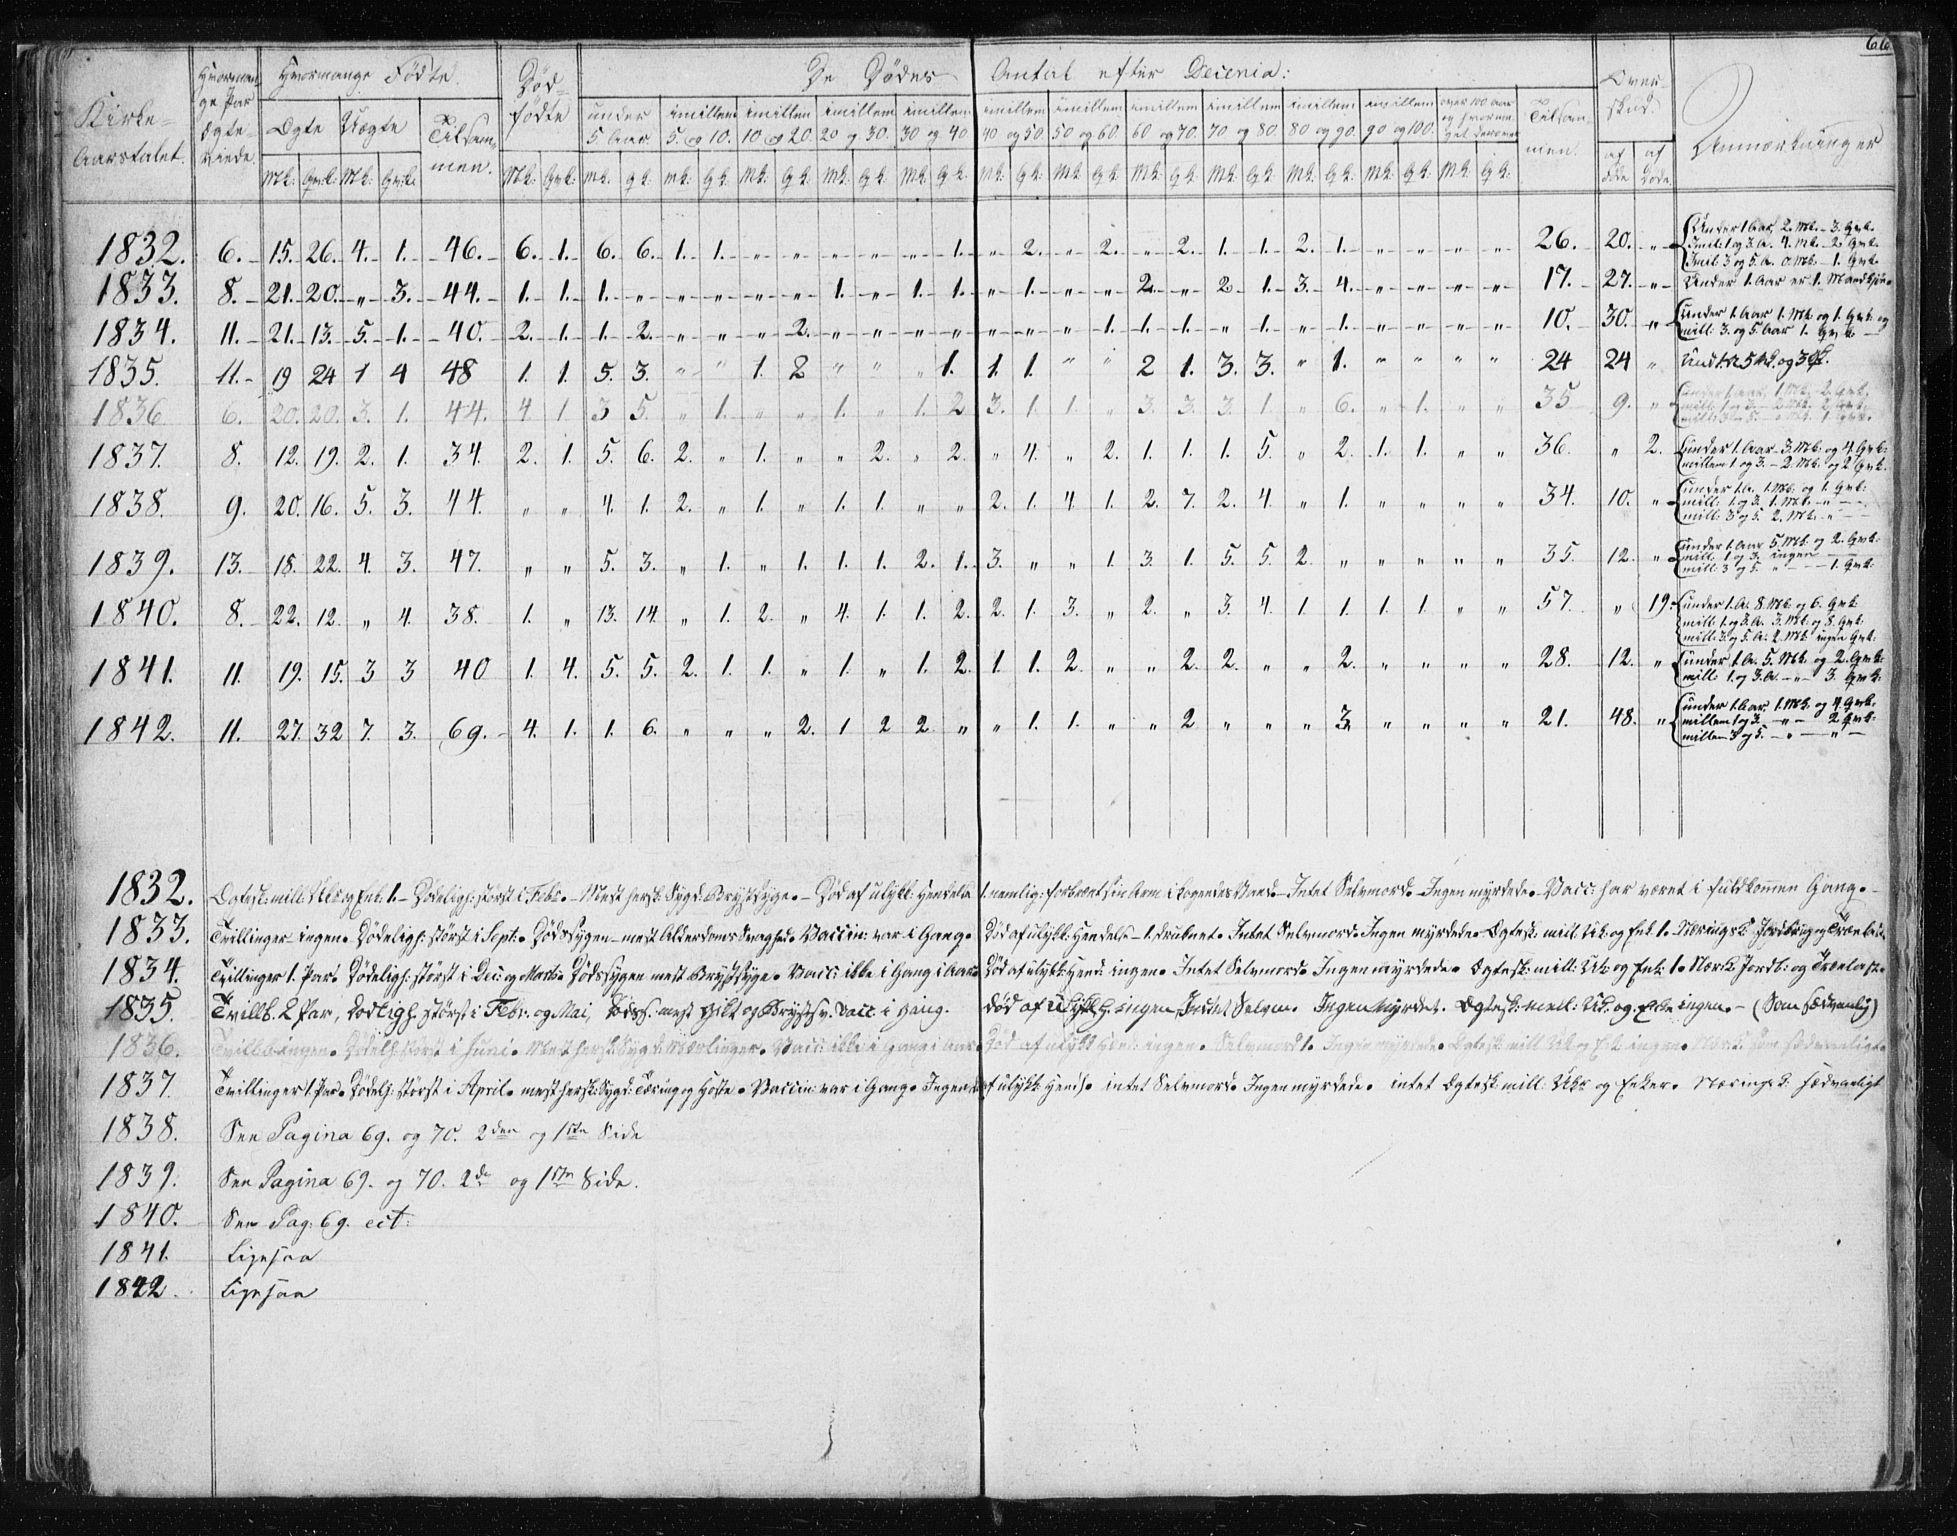 SAT, Ministerialprotokoller, klokkerbøker og fødselsregistre - Sør-Trøndelag, 616/L0405: Ministerialbok nr. 616A02, 1831-1842, s. 66